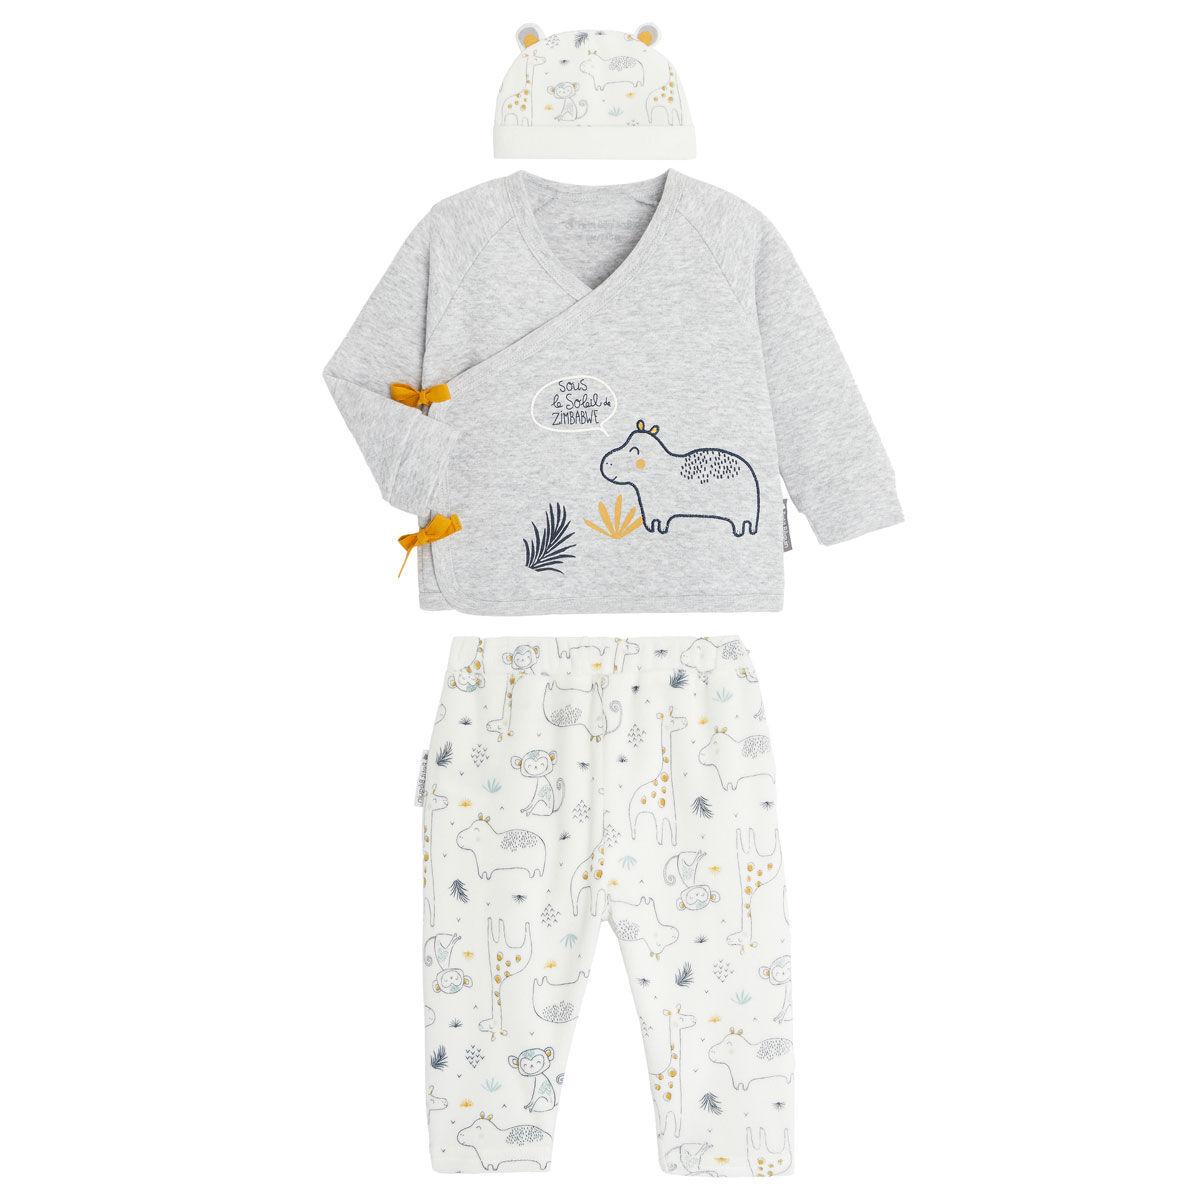 Petit Béguin Ensemble bébé garçon gilet croisé et pantalon contenant du coton bio Sous le soleil - Taille - 6 mois